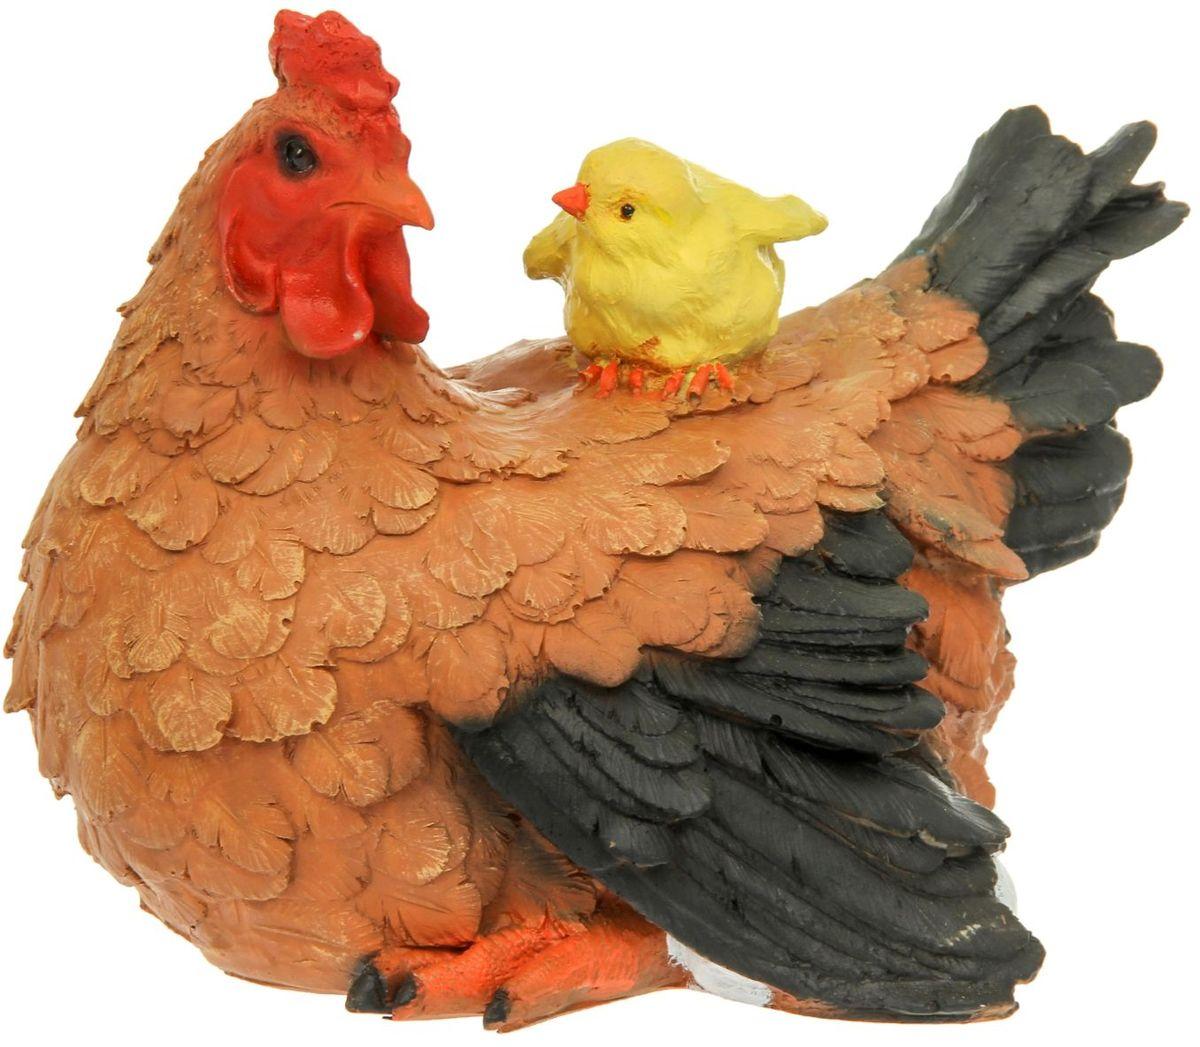 Фигура садовая Рыжая курица с цыпленком, 32 х 22 х 25 см1126899Создайте настроение в любимом саду: украсьте его оригинальным декором - садовой фигурой. Представители фауны разнообразят ландшафт. Сделайте свой сад неповторимым. Садовая фигура из полистоуна (искусственного камня) - оптимальное решение для уличных условий. Этот материал не выцветает на солнце, даже если находится под воздействием ультрафиолета круглый год. Искусственный камень имеет низкую пористость, поэтому ему не страшна влага и на нём не появятся трещины. Садовая фигура будет хранить красоту сада долгие годы.